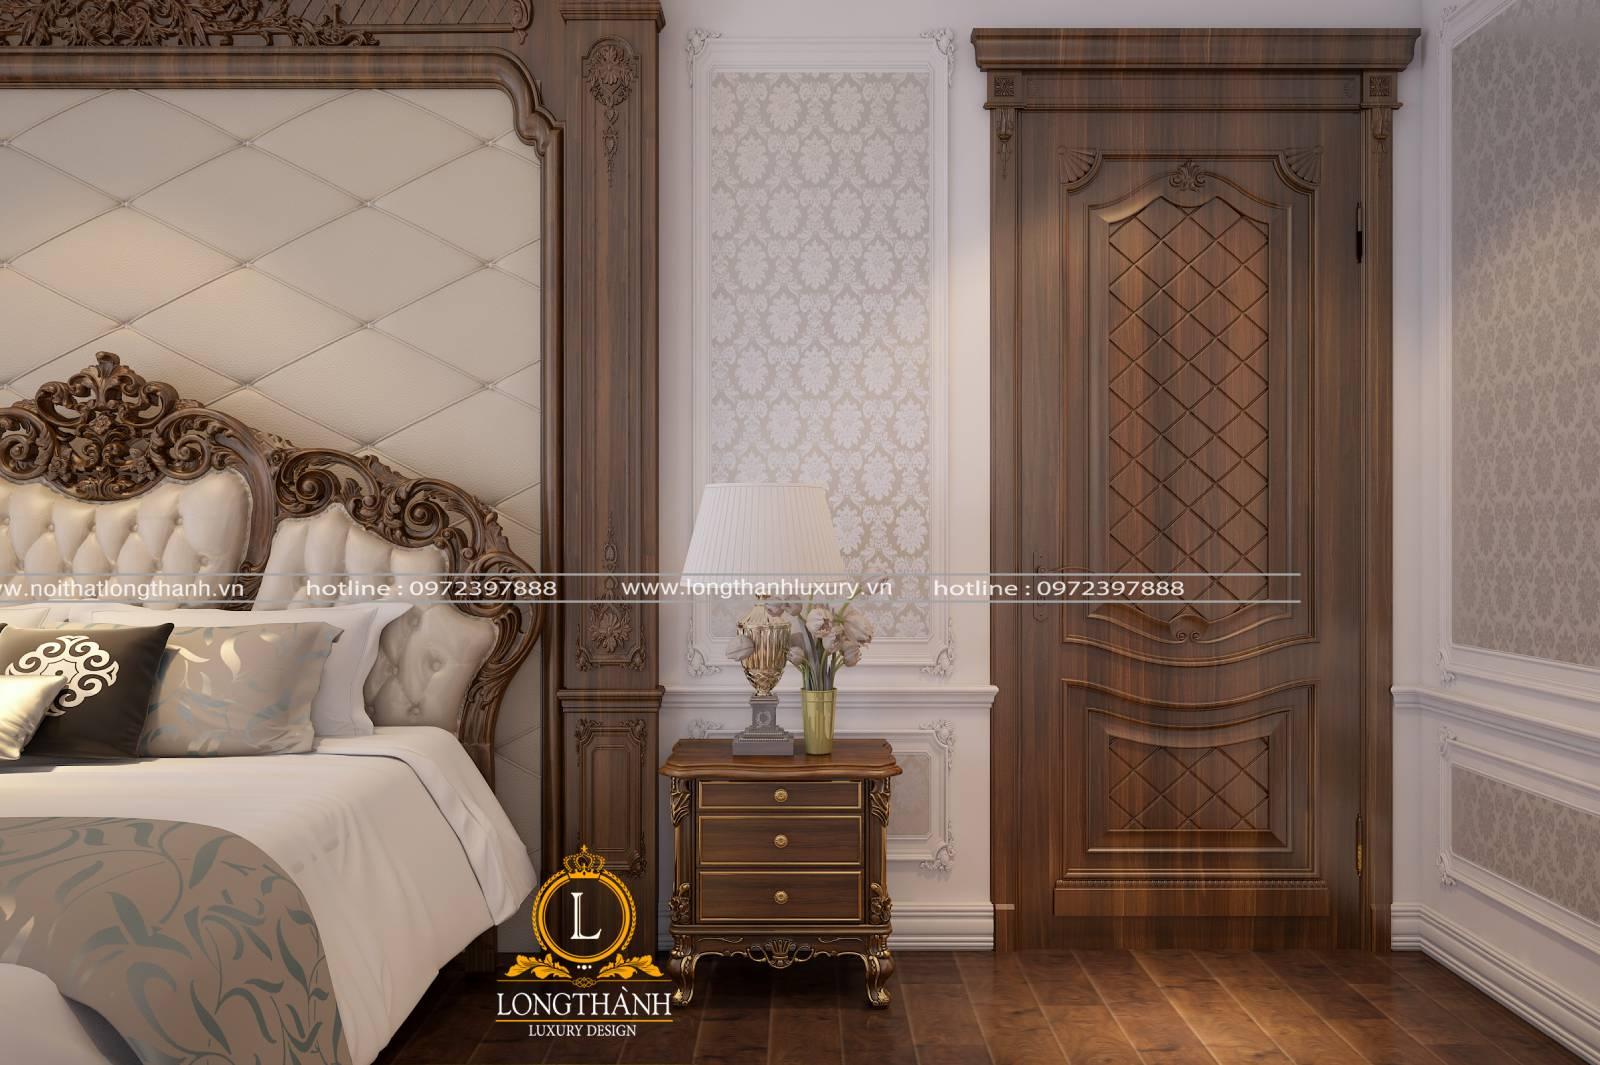 Cửa thông phòng ngòng ngủ tân cổ điển sử dụng gỗ lim Nam Phi